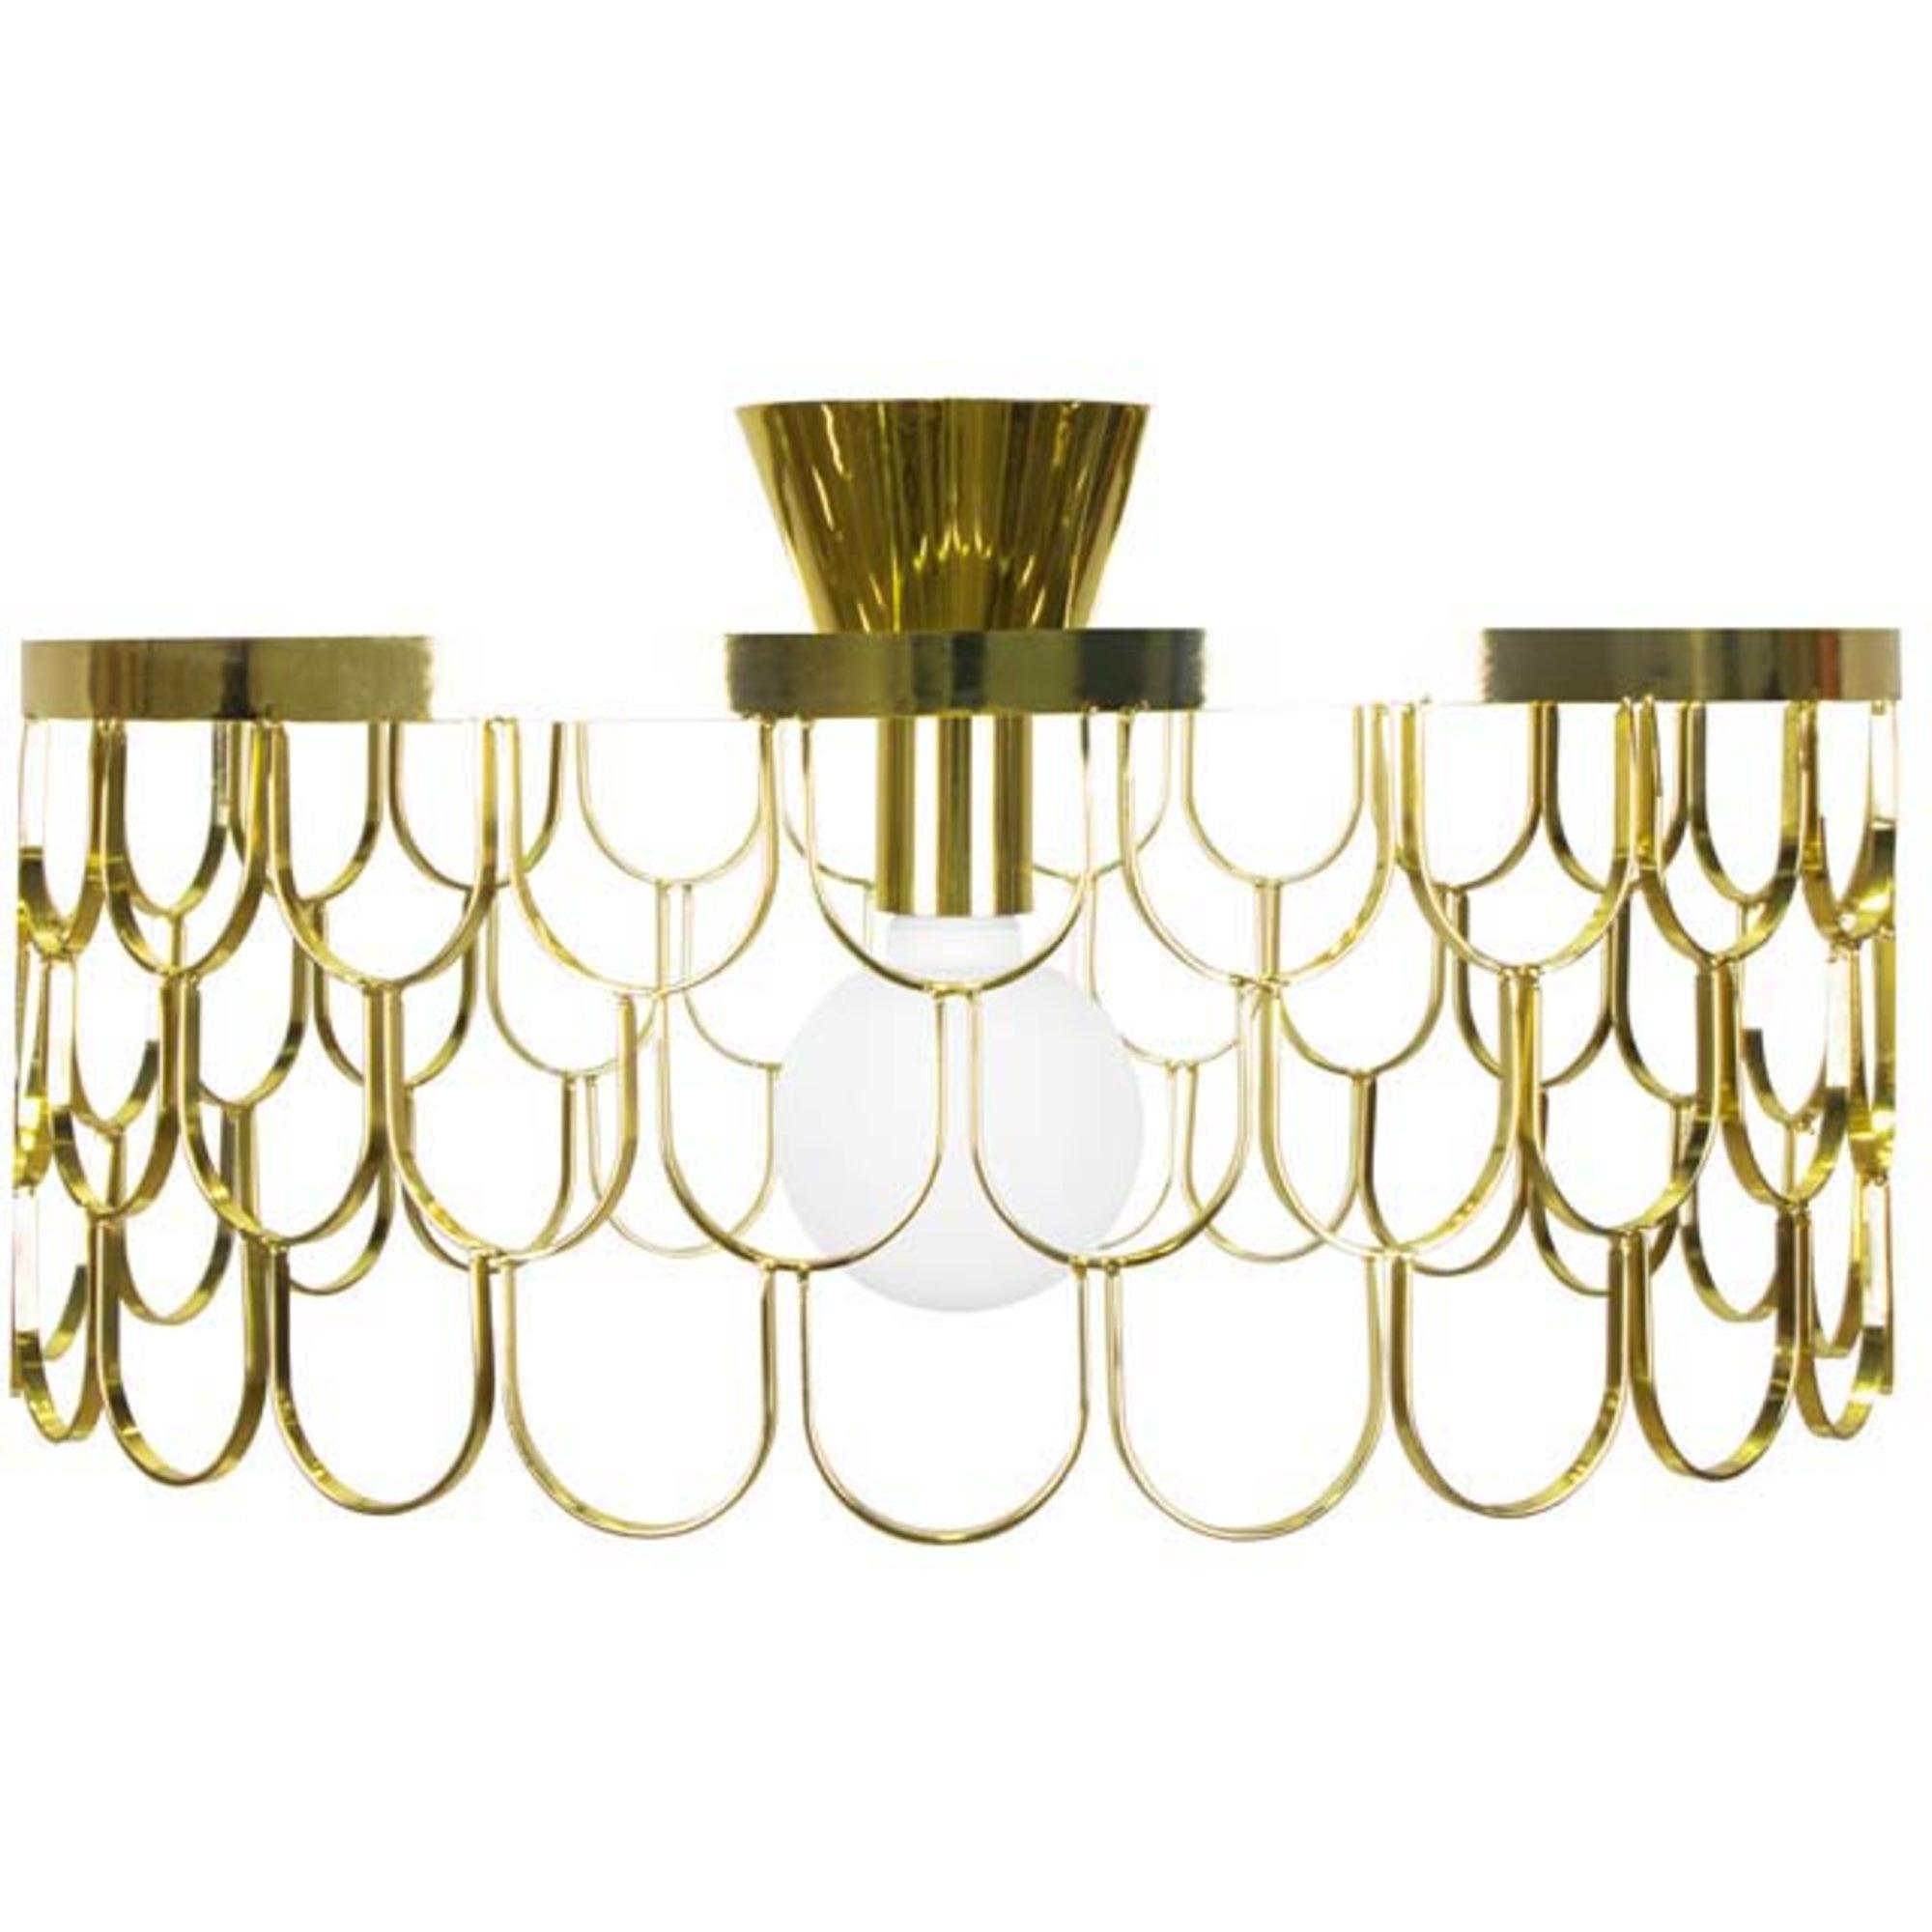 Globen Lighting Plafond Gatsby Mässing